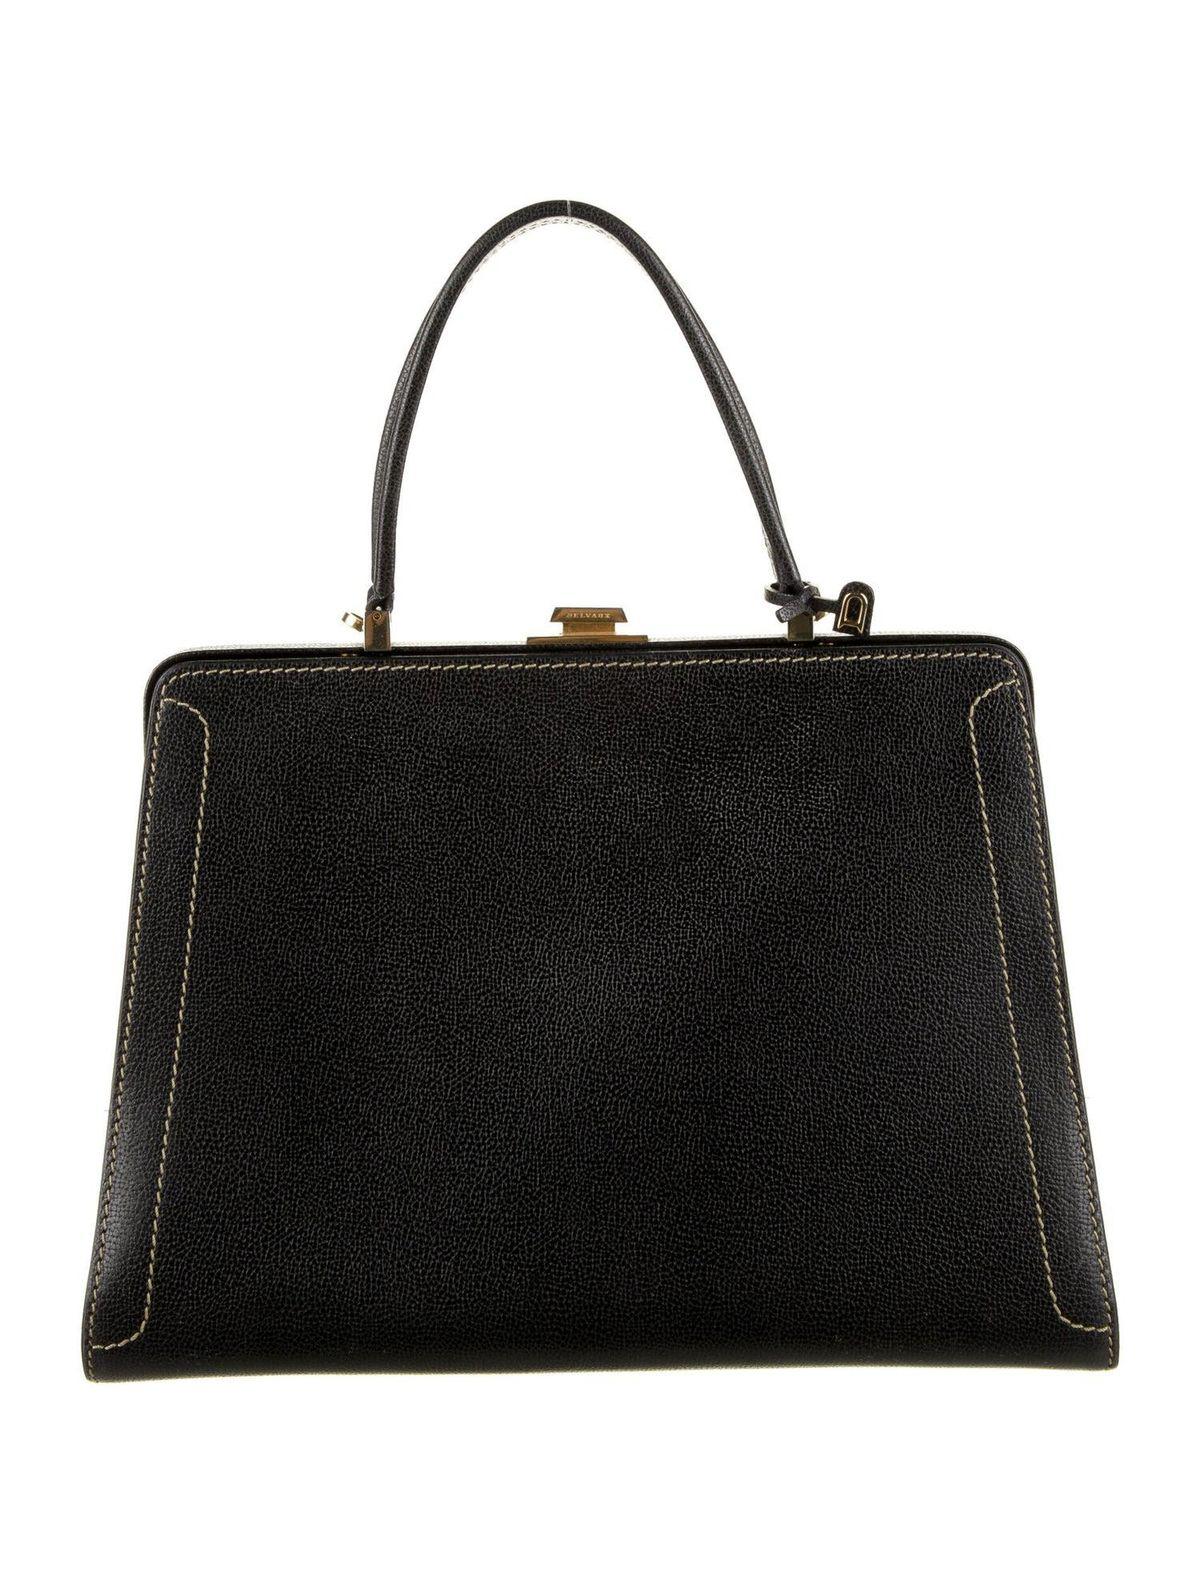 Vintage Leather Frame Bag